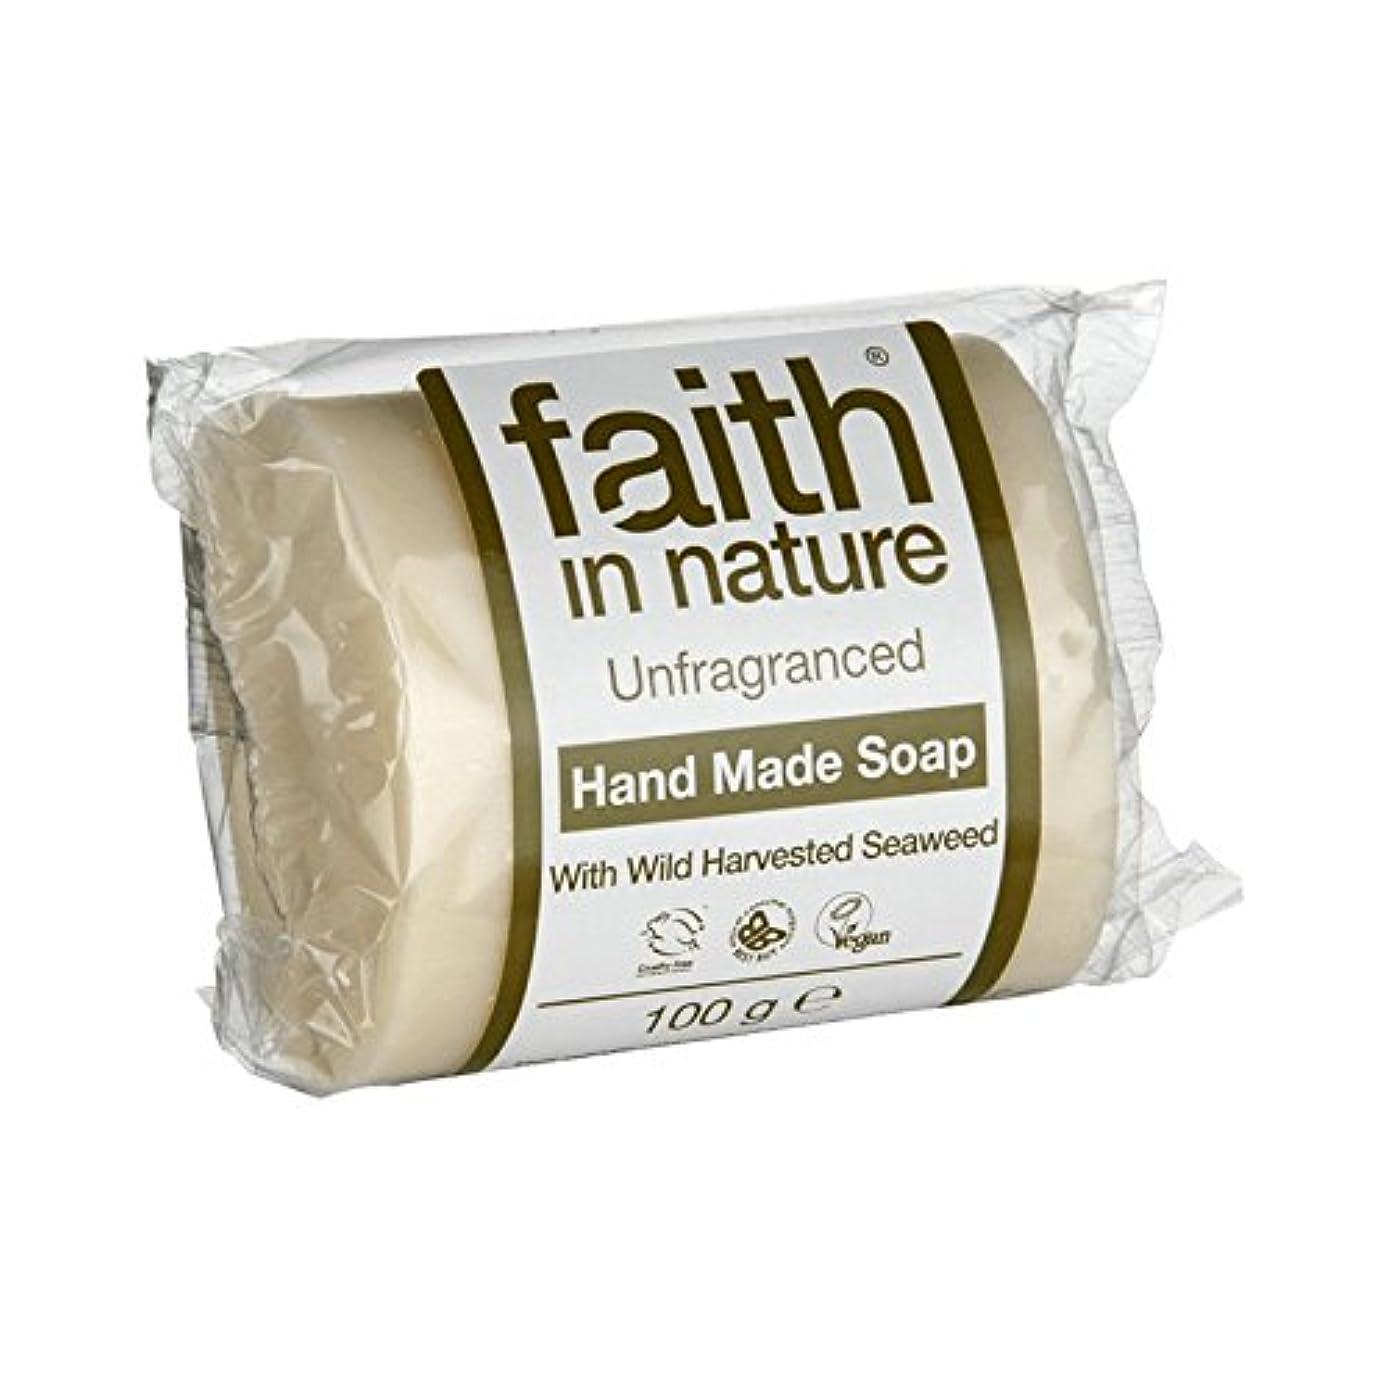 反発するこれら手のひら自然無香料海藻石鹸100グラムの信仰 - Faith in Nature Unfragranced Seaweed Soap 100g (Faith in Nature) [並行輸入品]